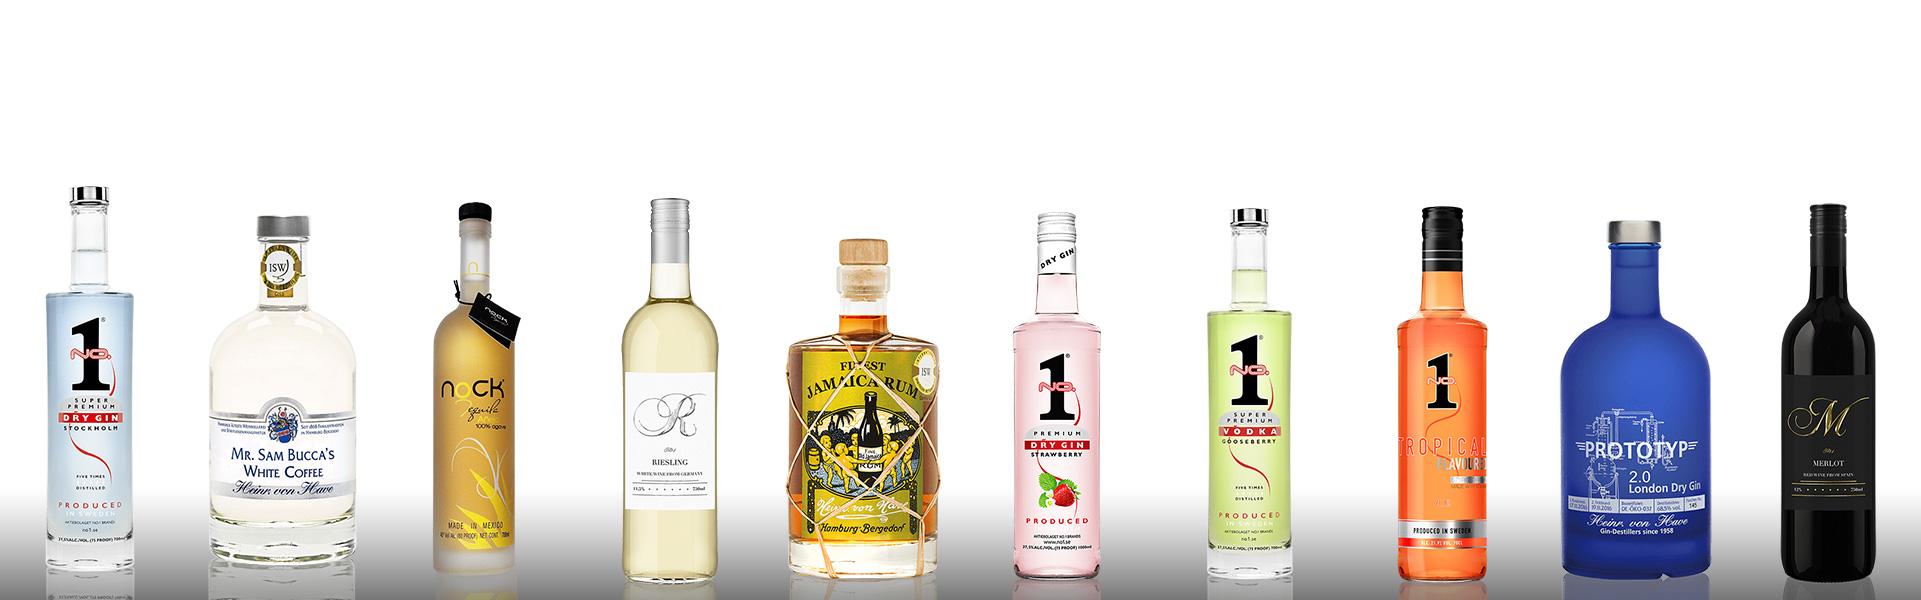 butelki vodka premium NO.1